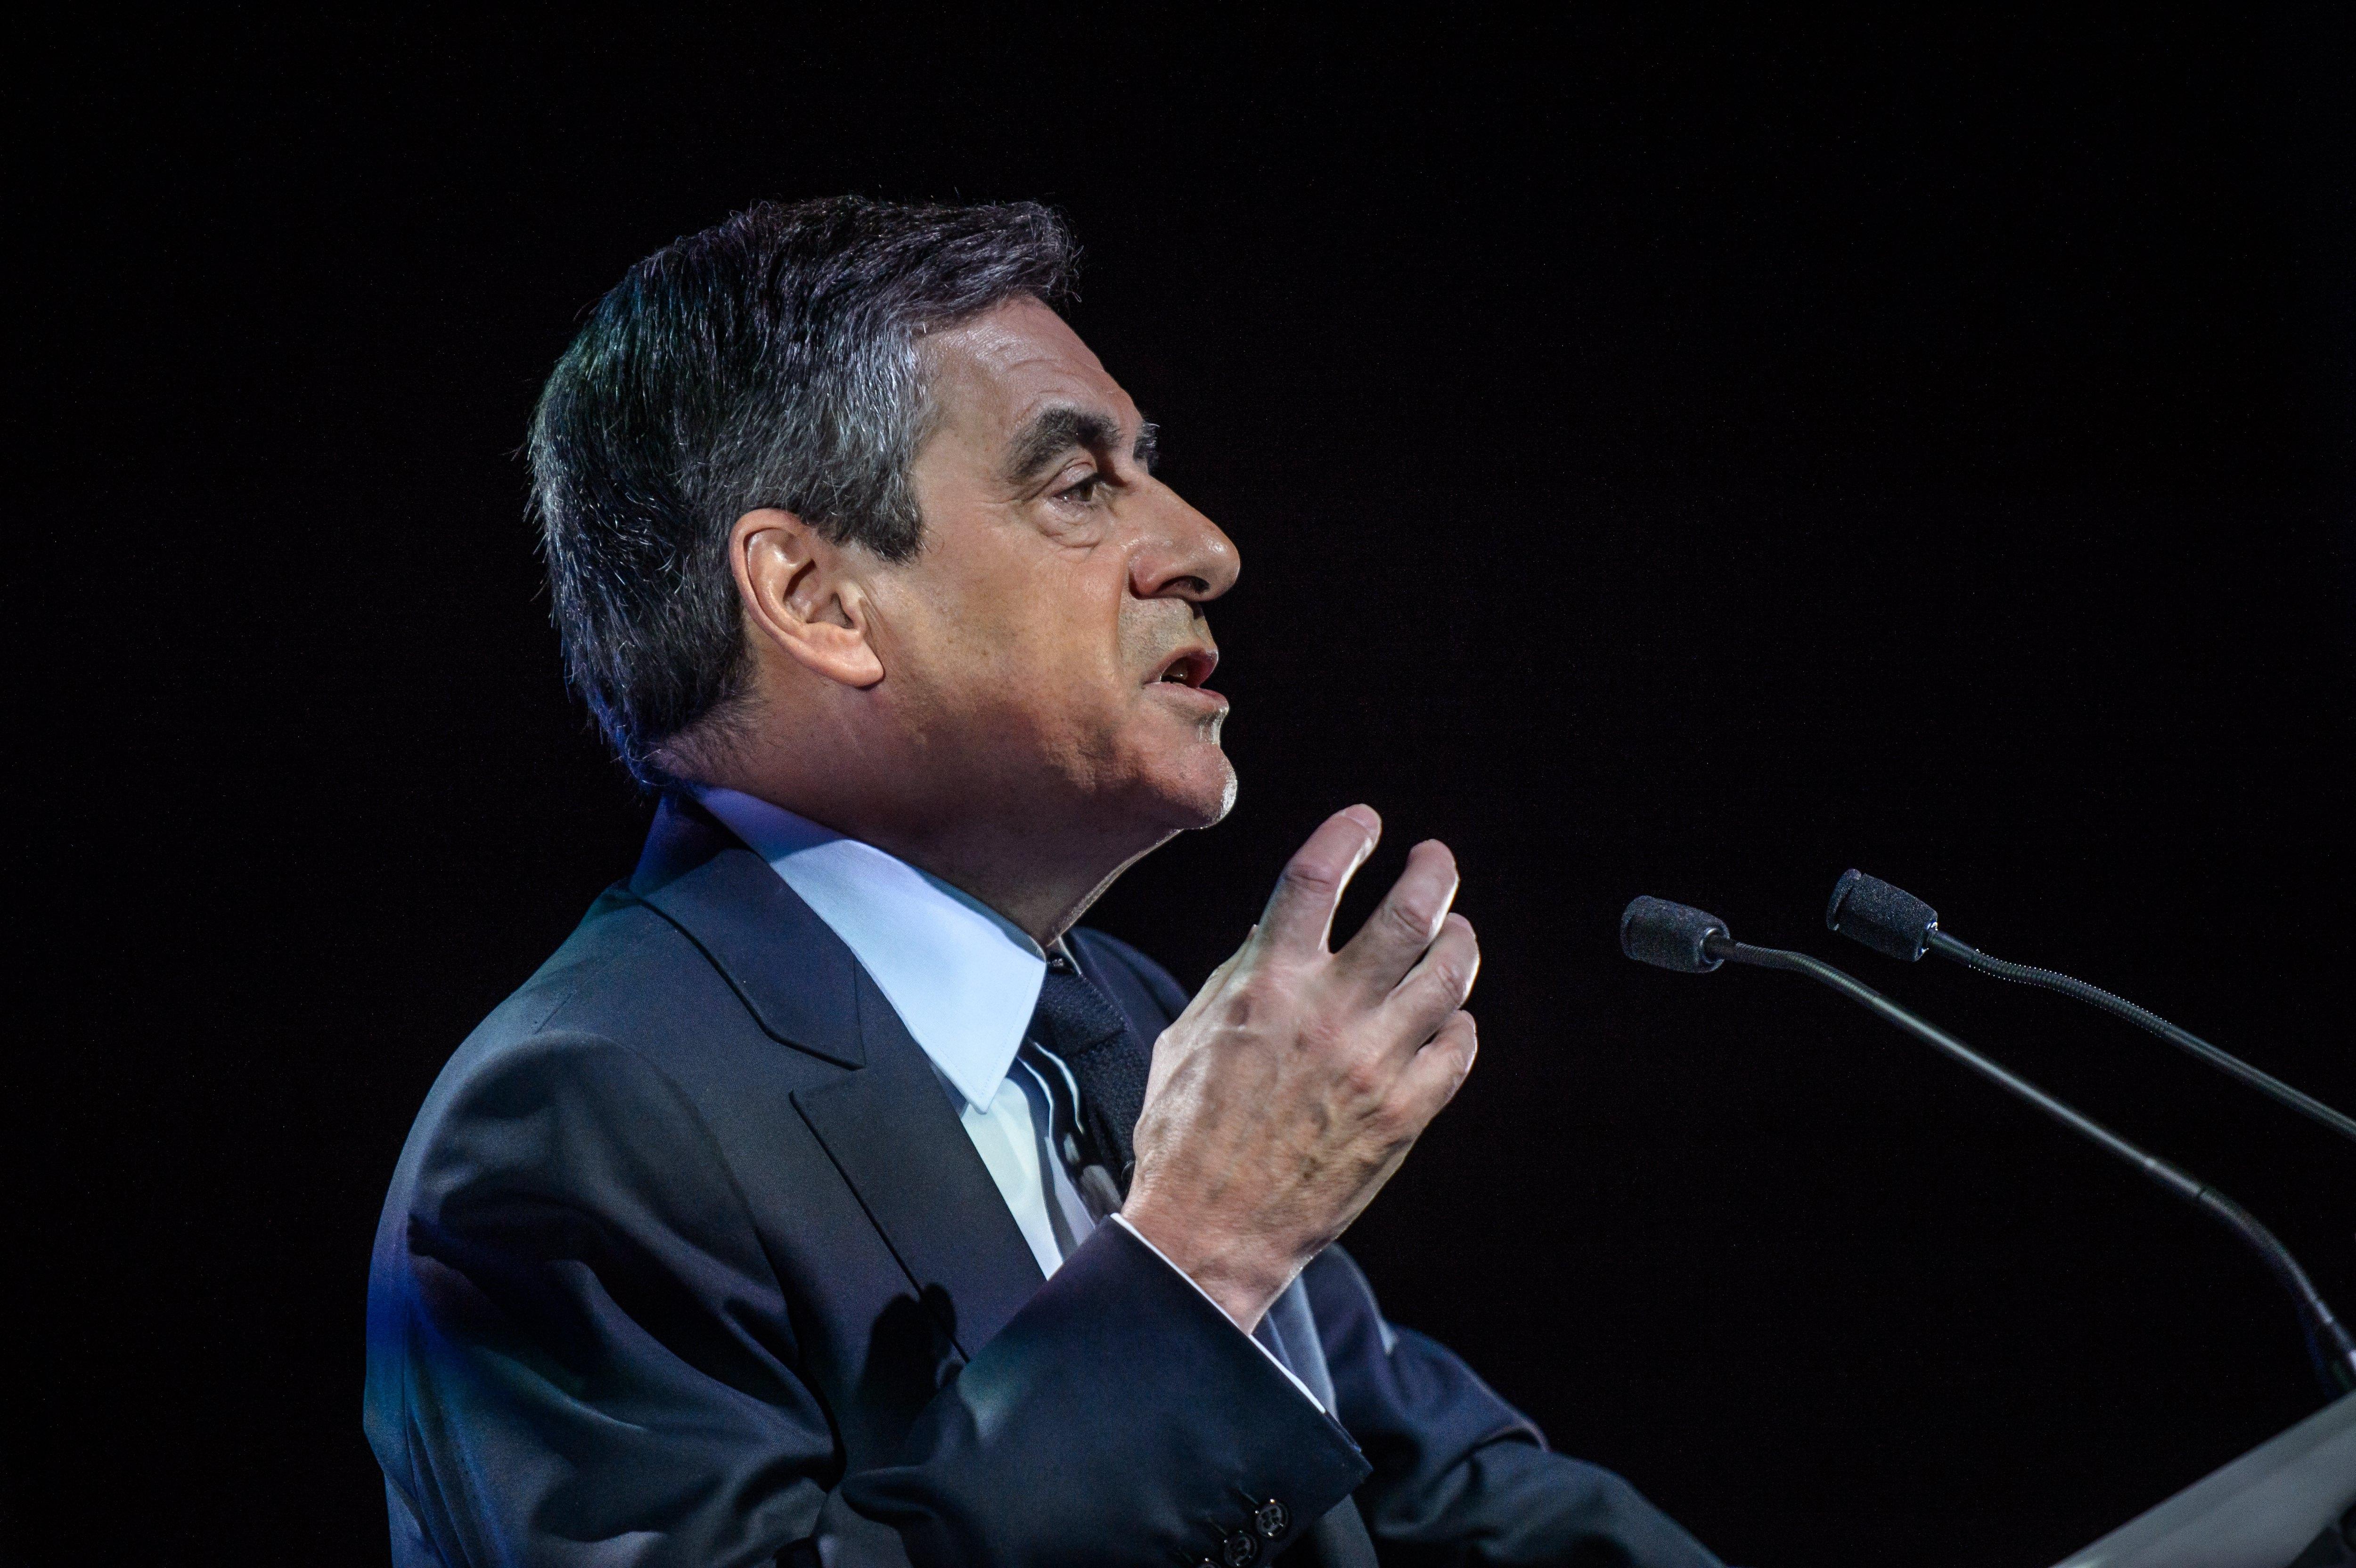 Francois Fillon uspio nametnuti svoju kandidaturu desnici